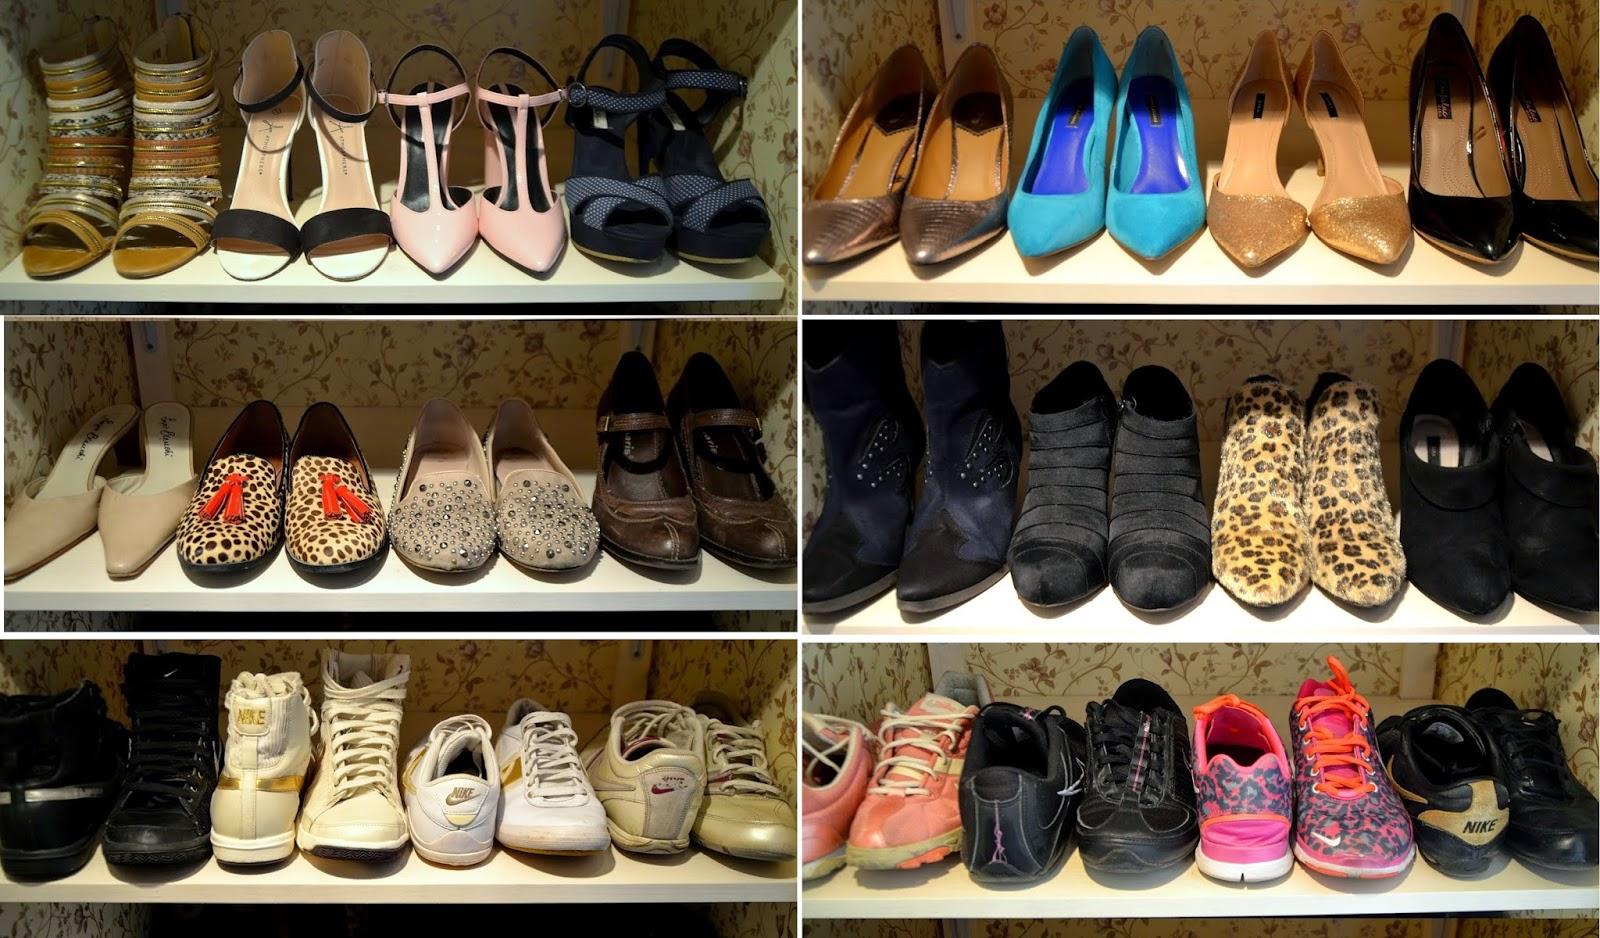 walk in shoe closet inspiration heels sneakers boots